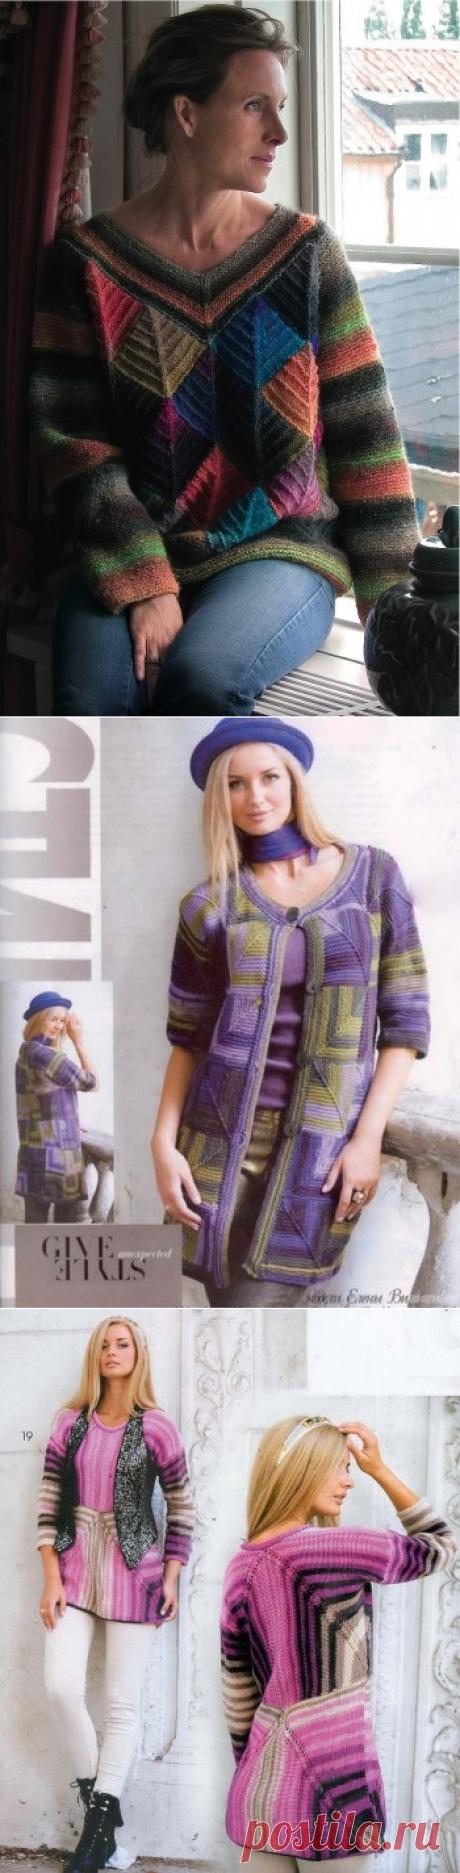 Вязание пэчворк - модное направление, подборка 25 схем и описаний, Журнал